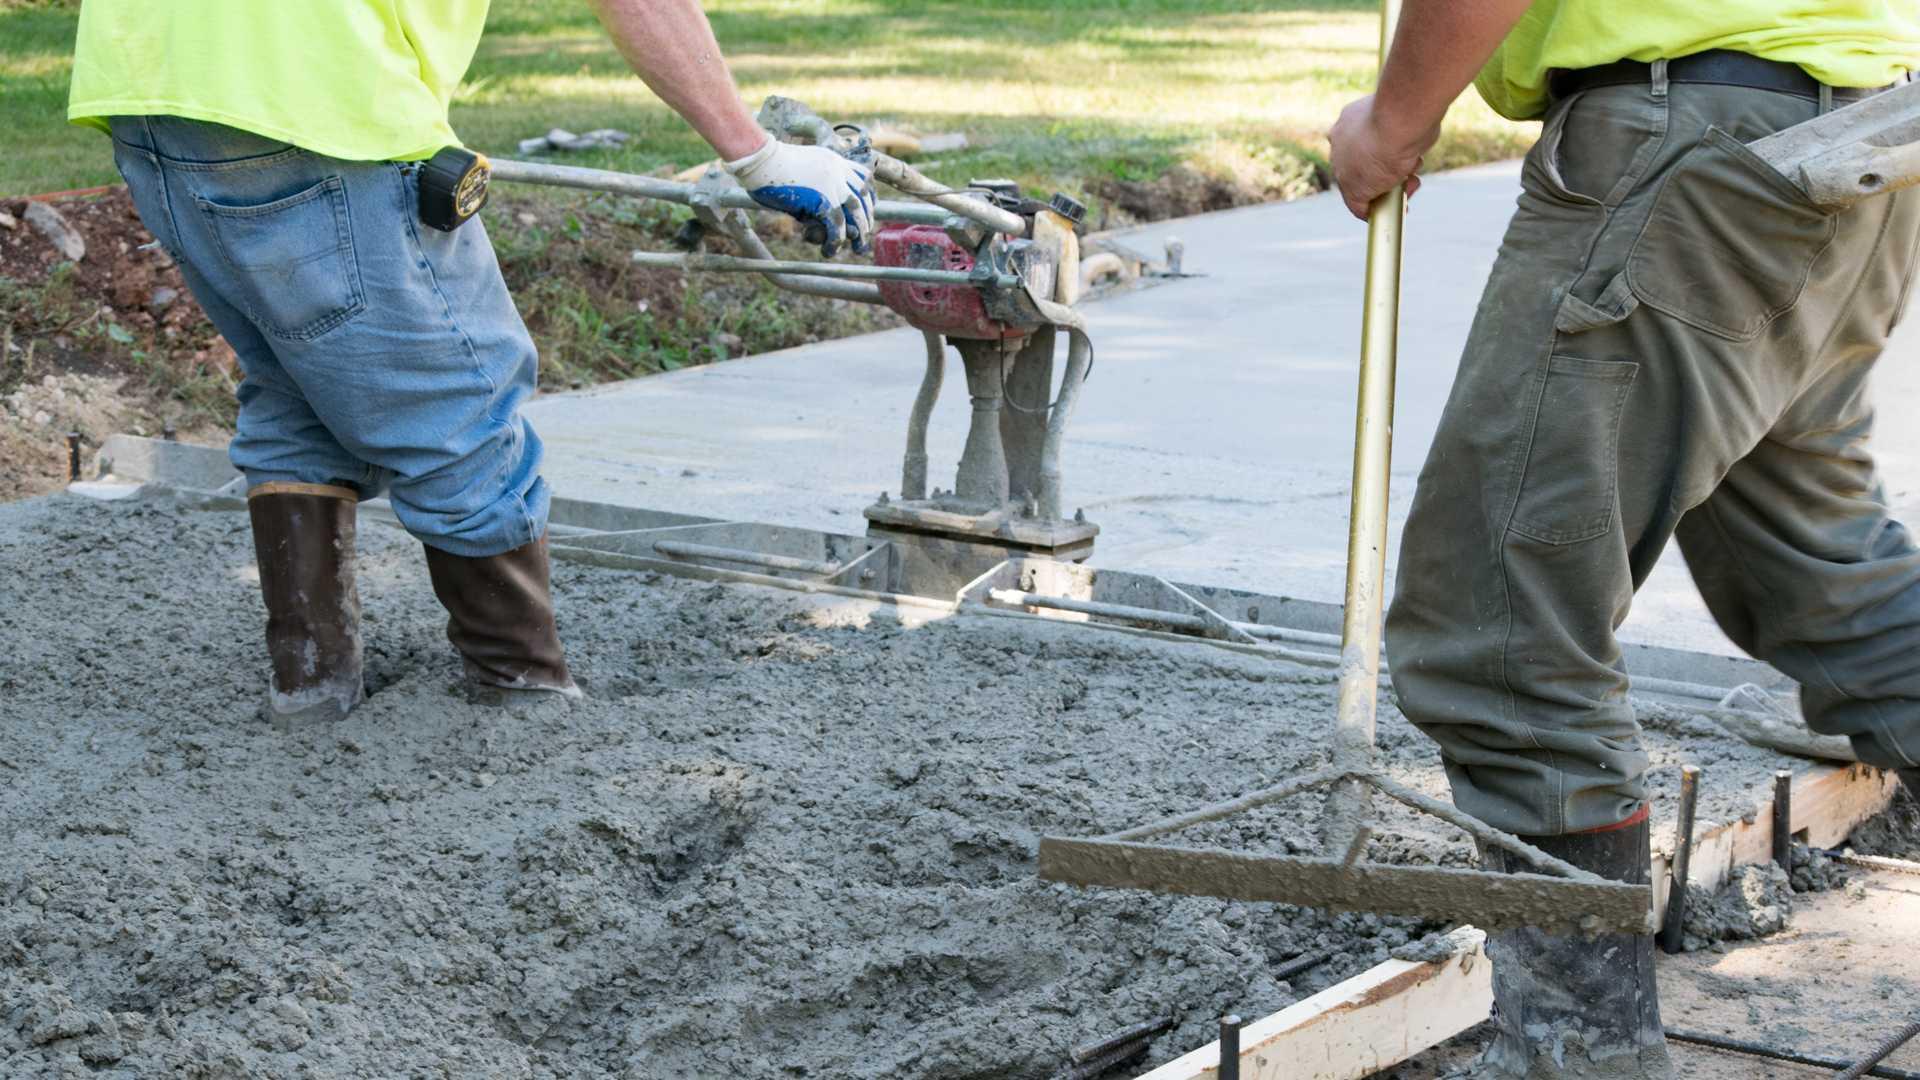 Домовладелец получил бесплатную бетонную дорогу после колоссальной путаницы с подрядчиком